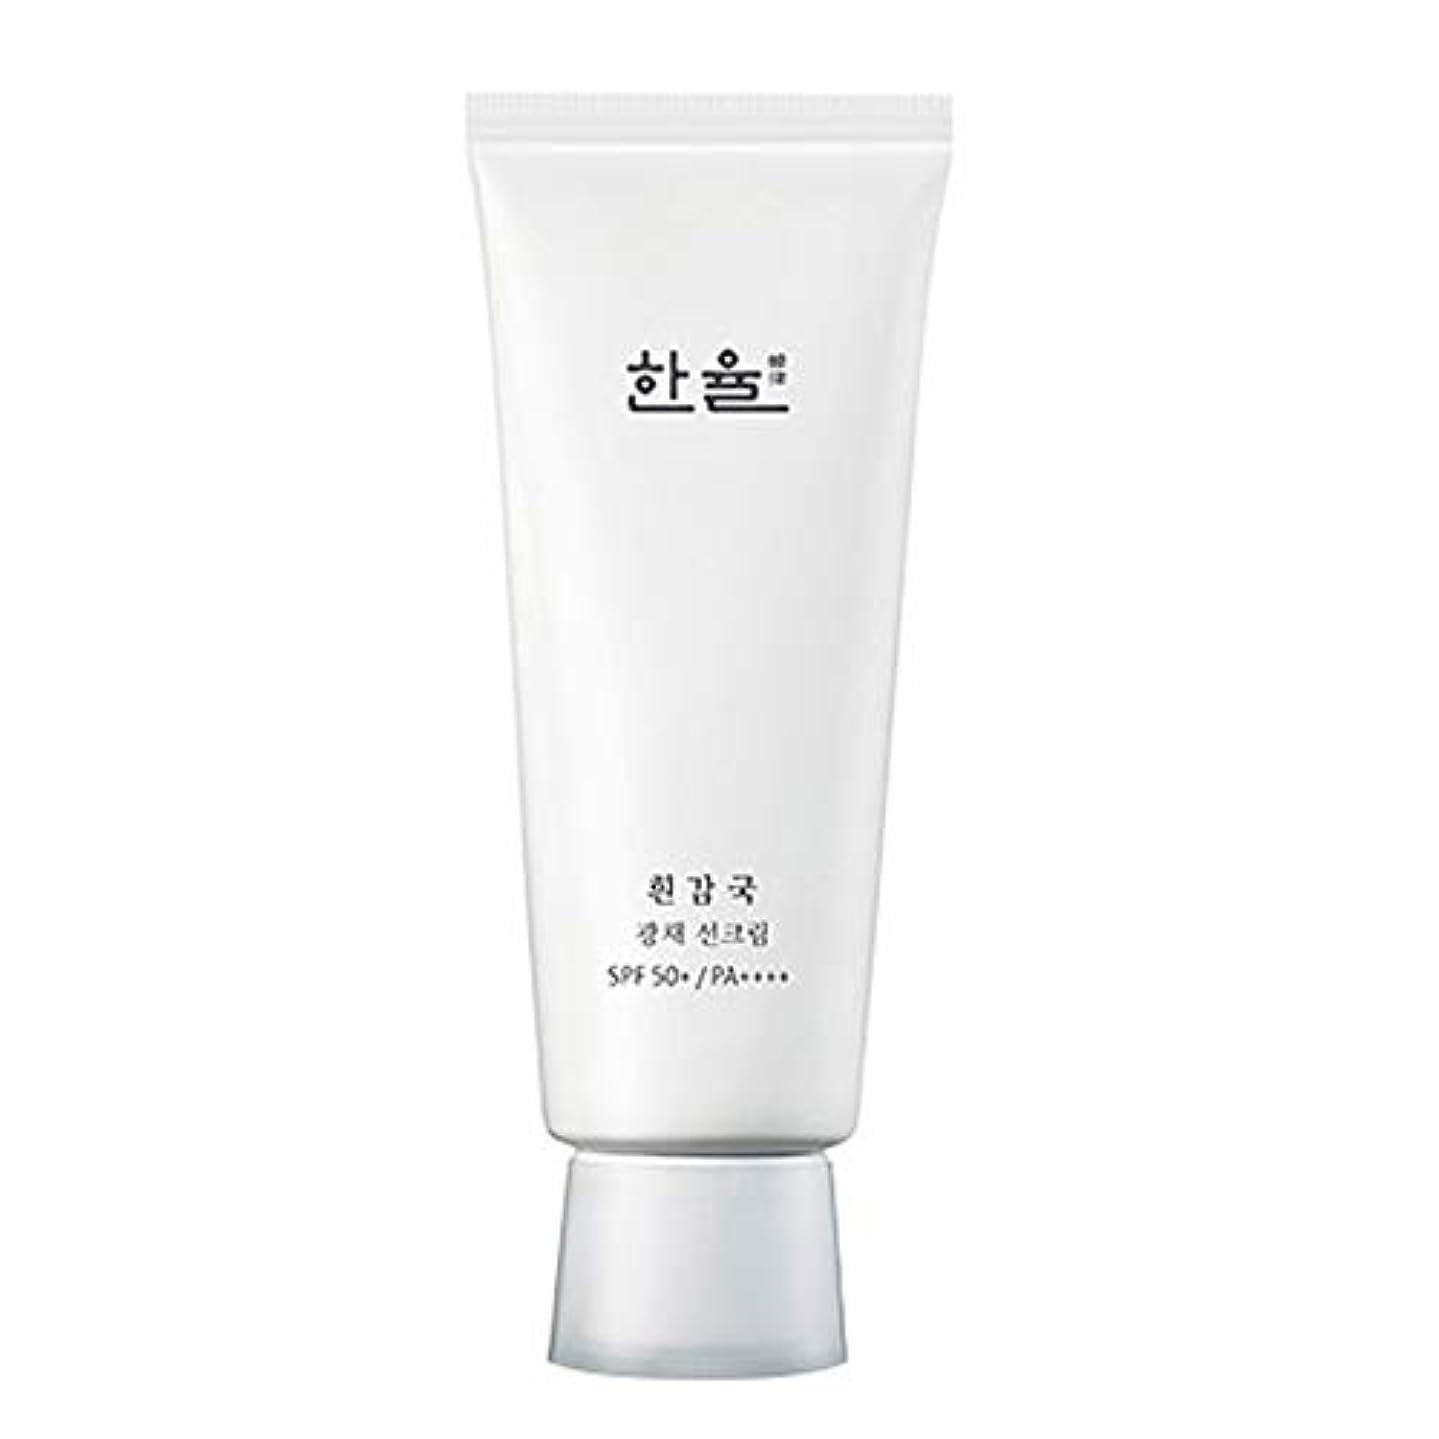 聴覚障害者セーブ大混乱[HANYUL] ハンユル 白いガムグク輝きサンクリーム 70ml SPF50+ PA++++ White Chrysanthemum Radiance Sunscreen cream